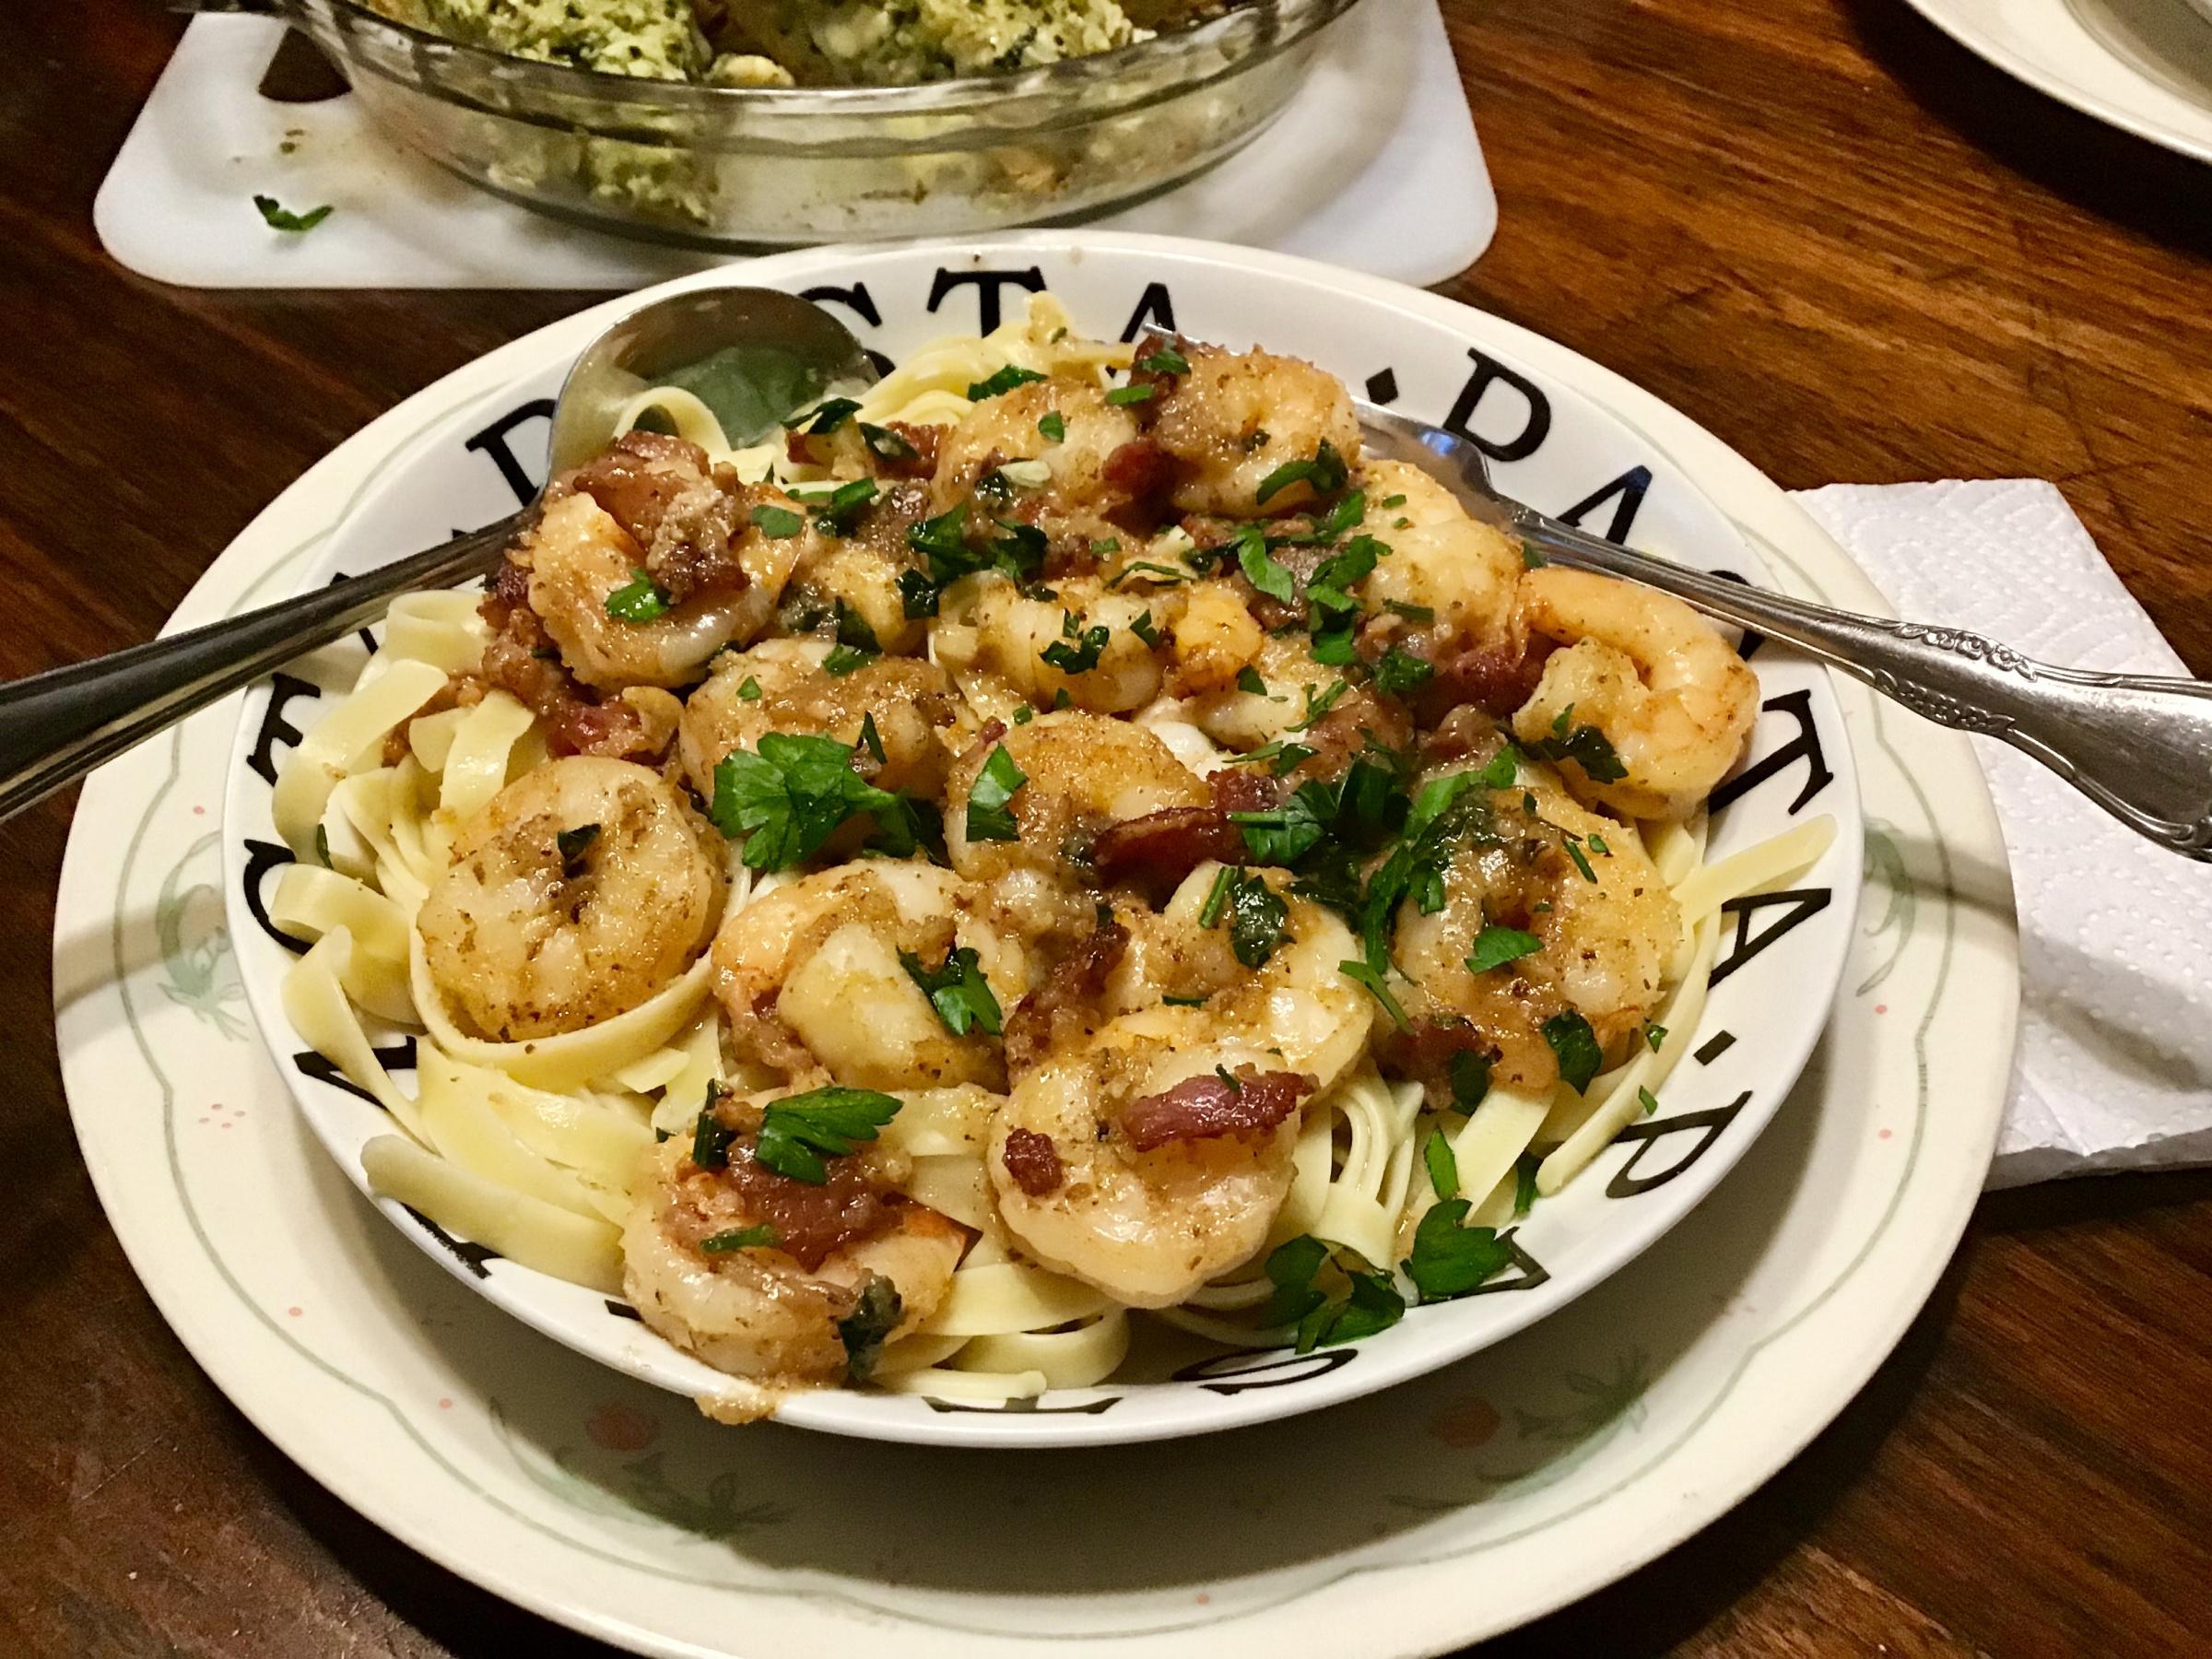 Quick Shrimp Scampi Over Linguini with Bacon-358a908f-ff0d-4456-9e84-fa04f5f97181.jpg